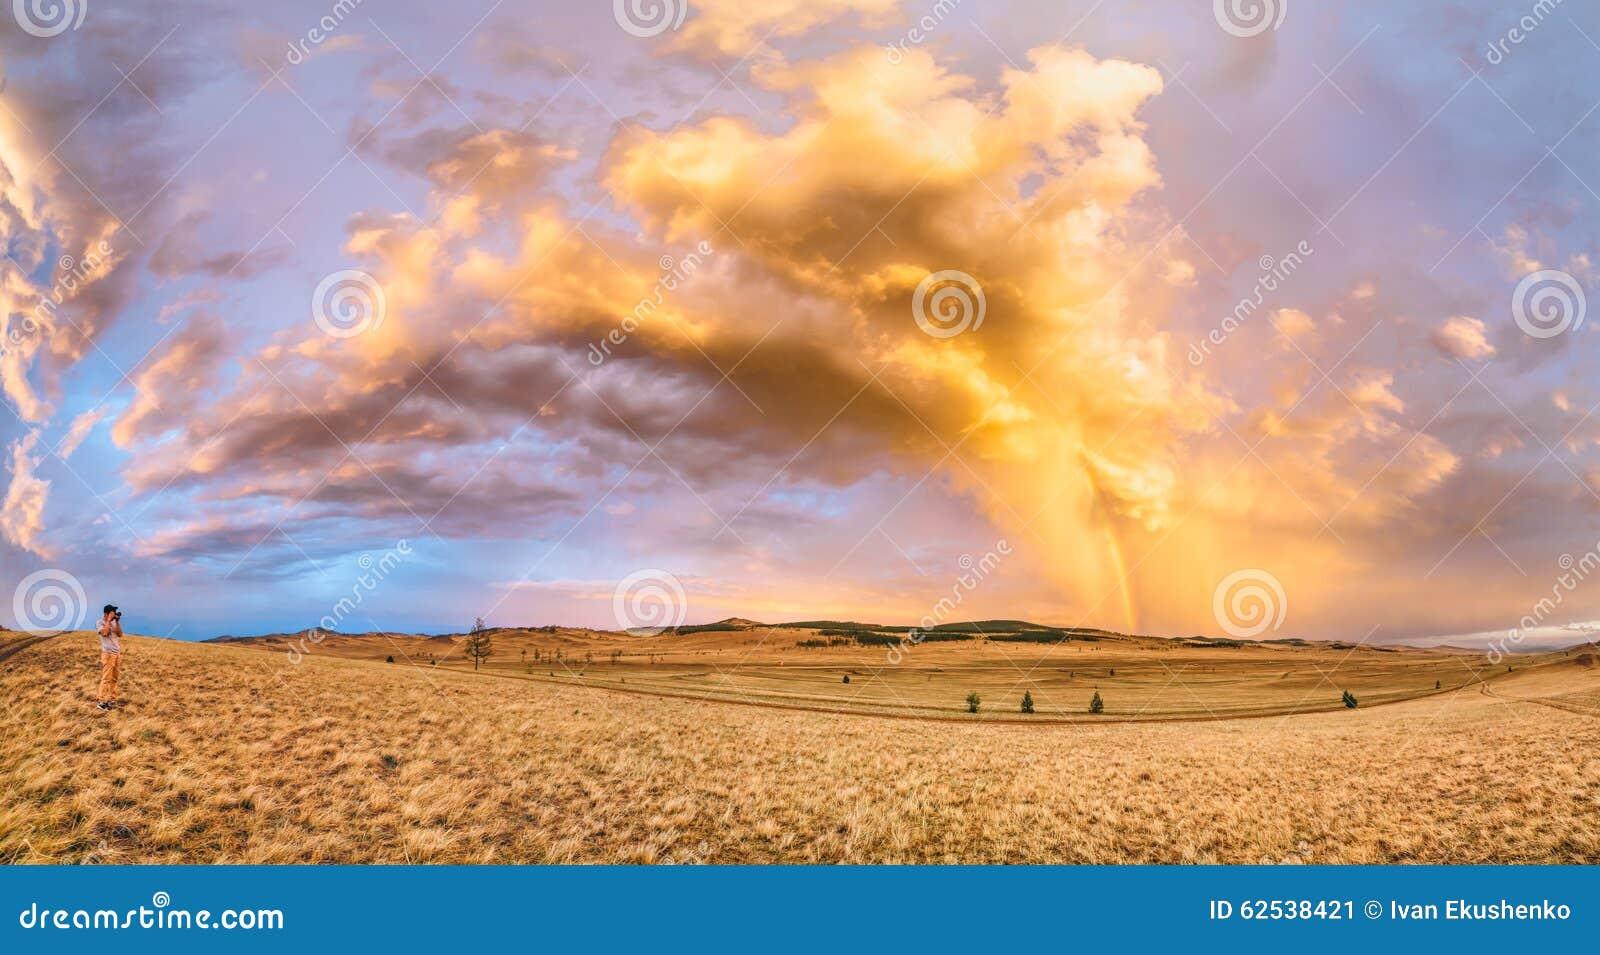 全景照片 在以后的摄影师射击美丽的彩虹